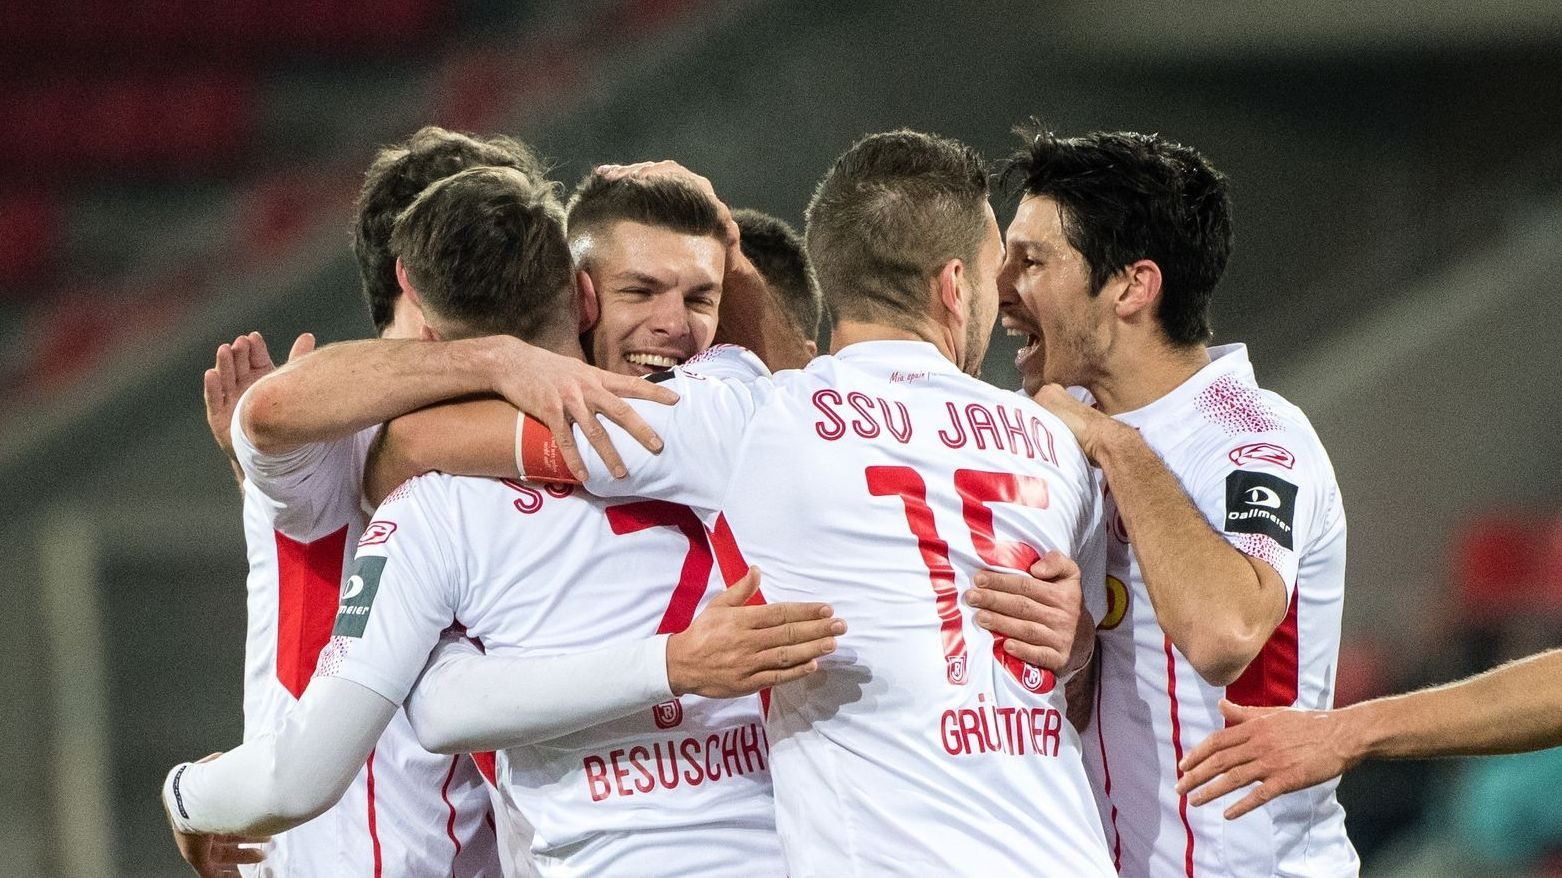 Der SSV Jahn Regensburg startet nach der Corona-Zwangspause am 16. Mai mit einem Heimspiel gegen Holstein Kiel in der zweiten Fußball-Bundesliga.